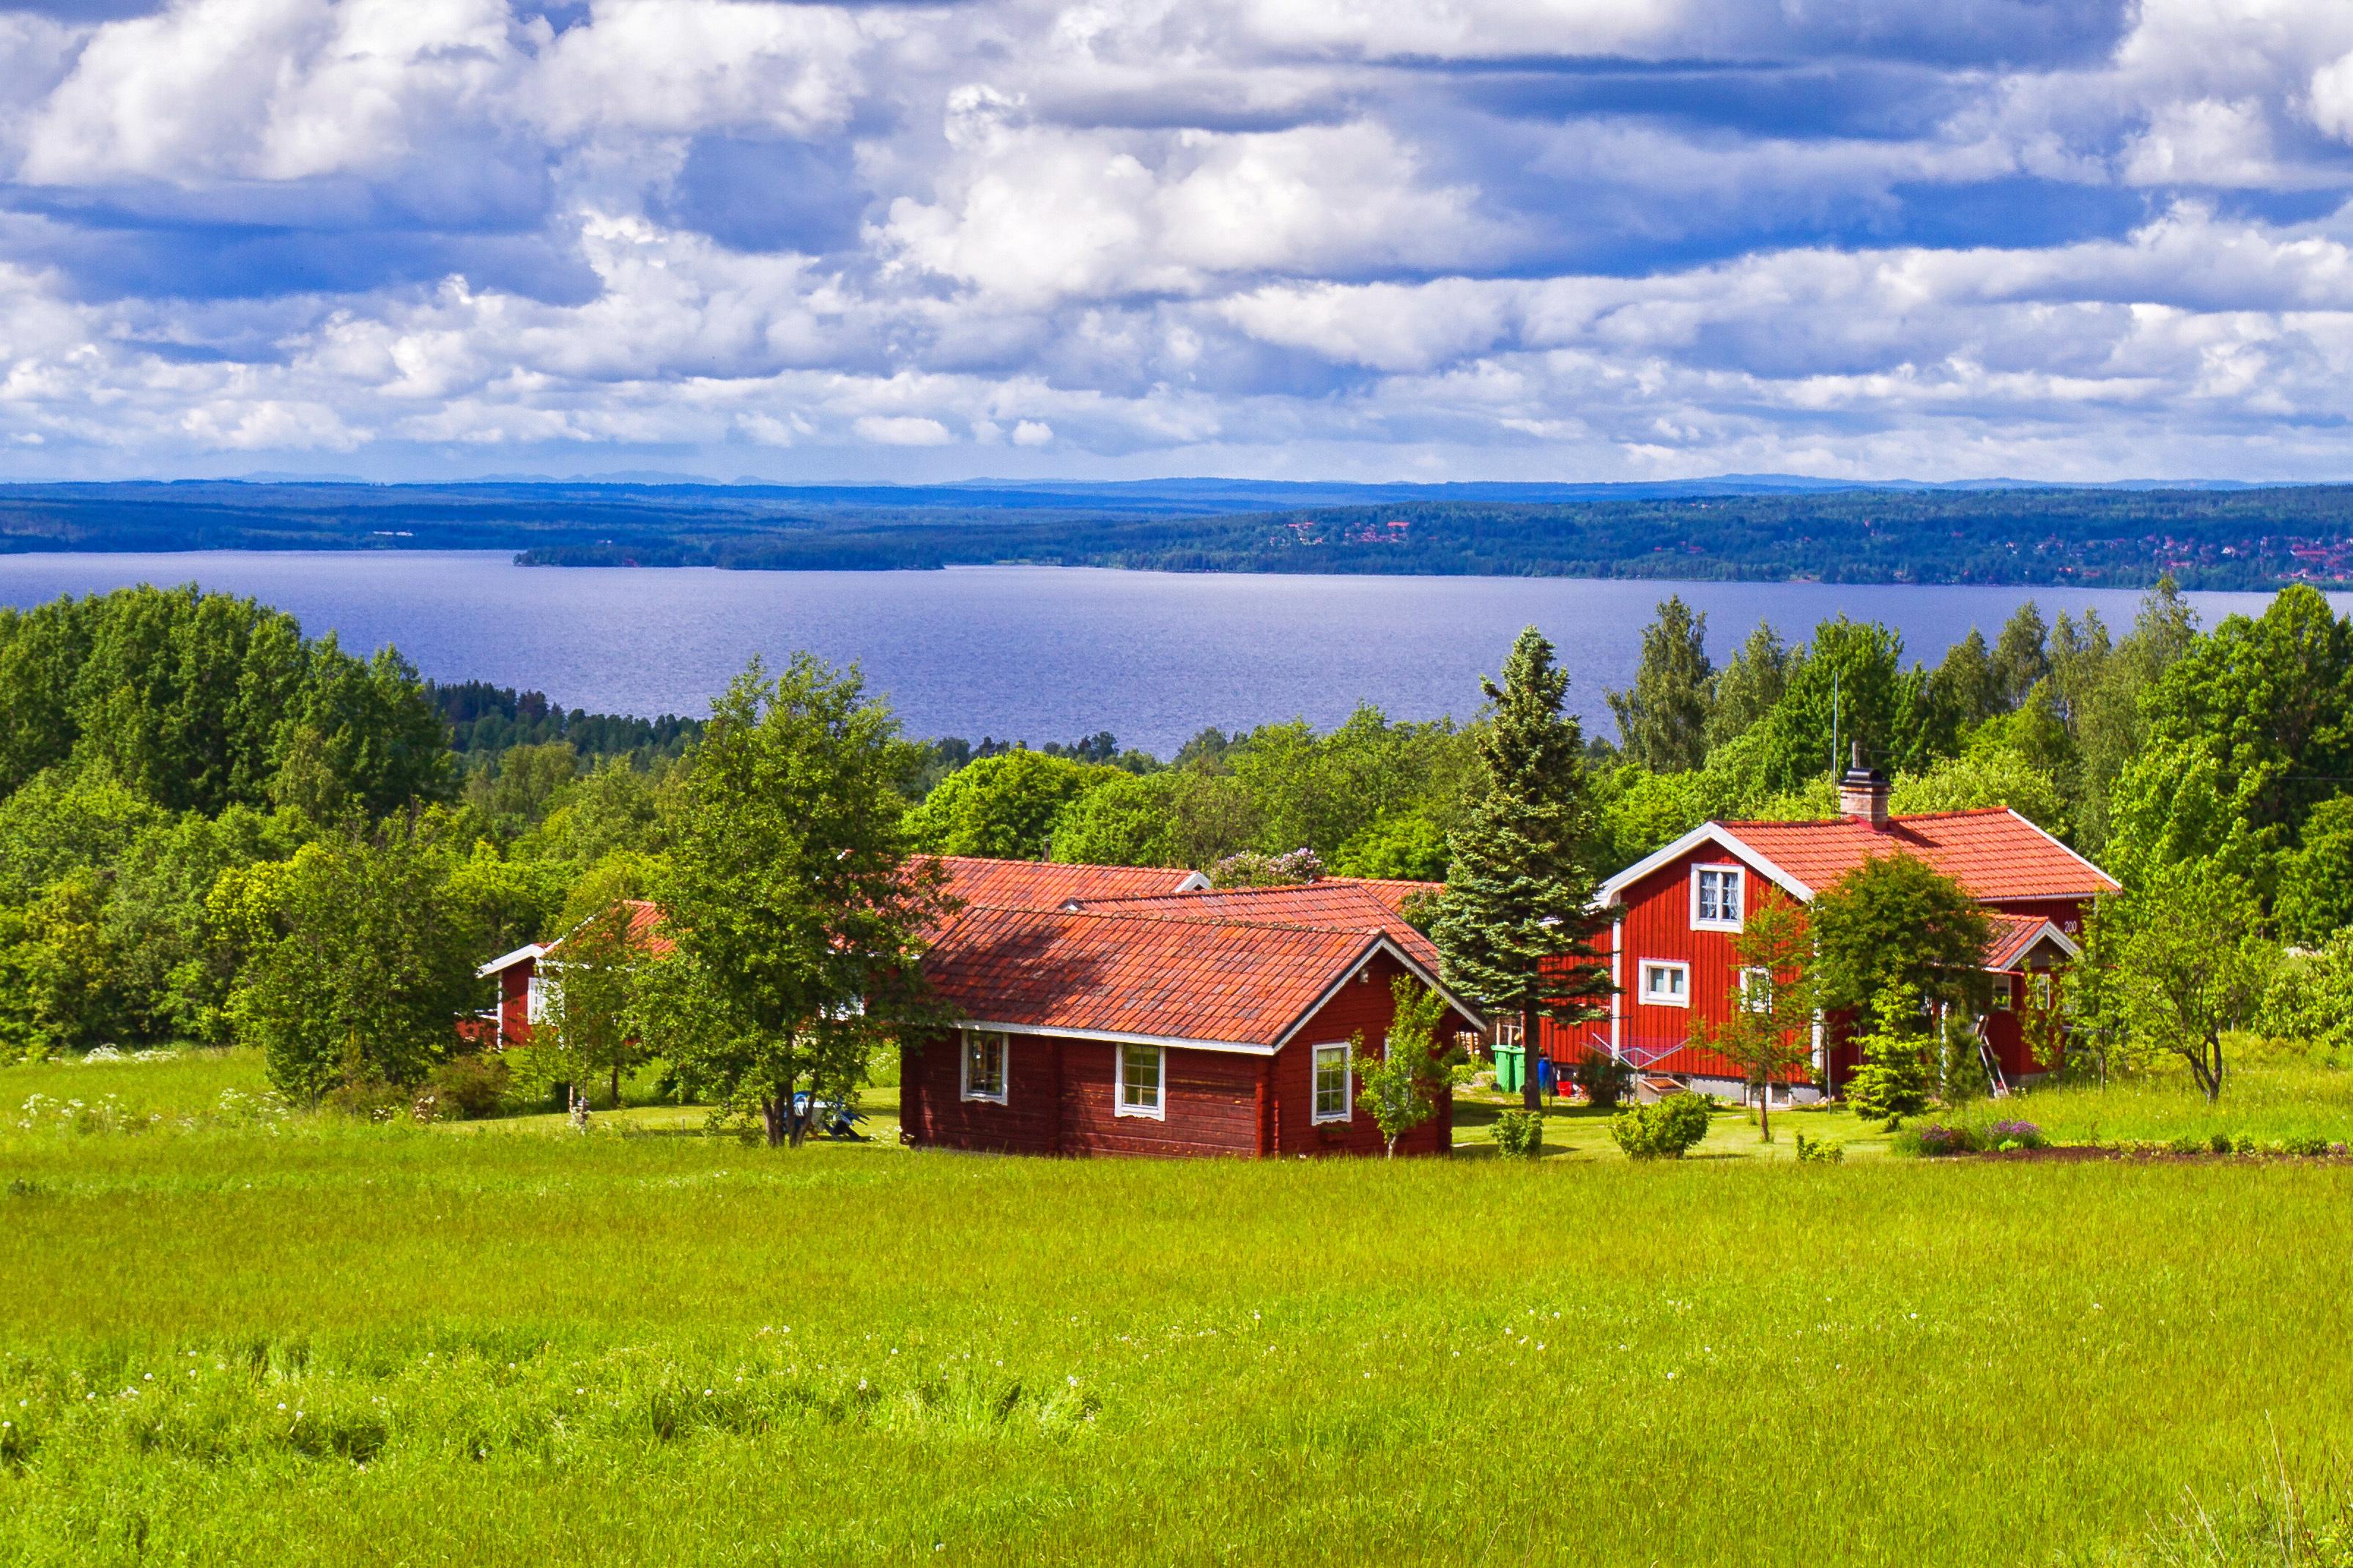 Шведские дома, которые могут купить иностранцы